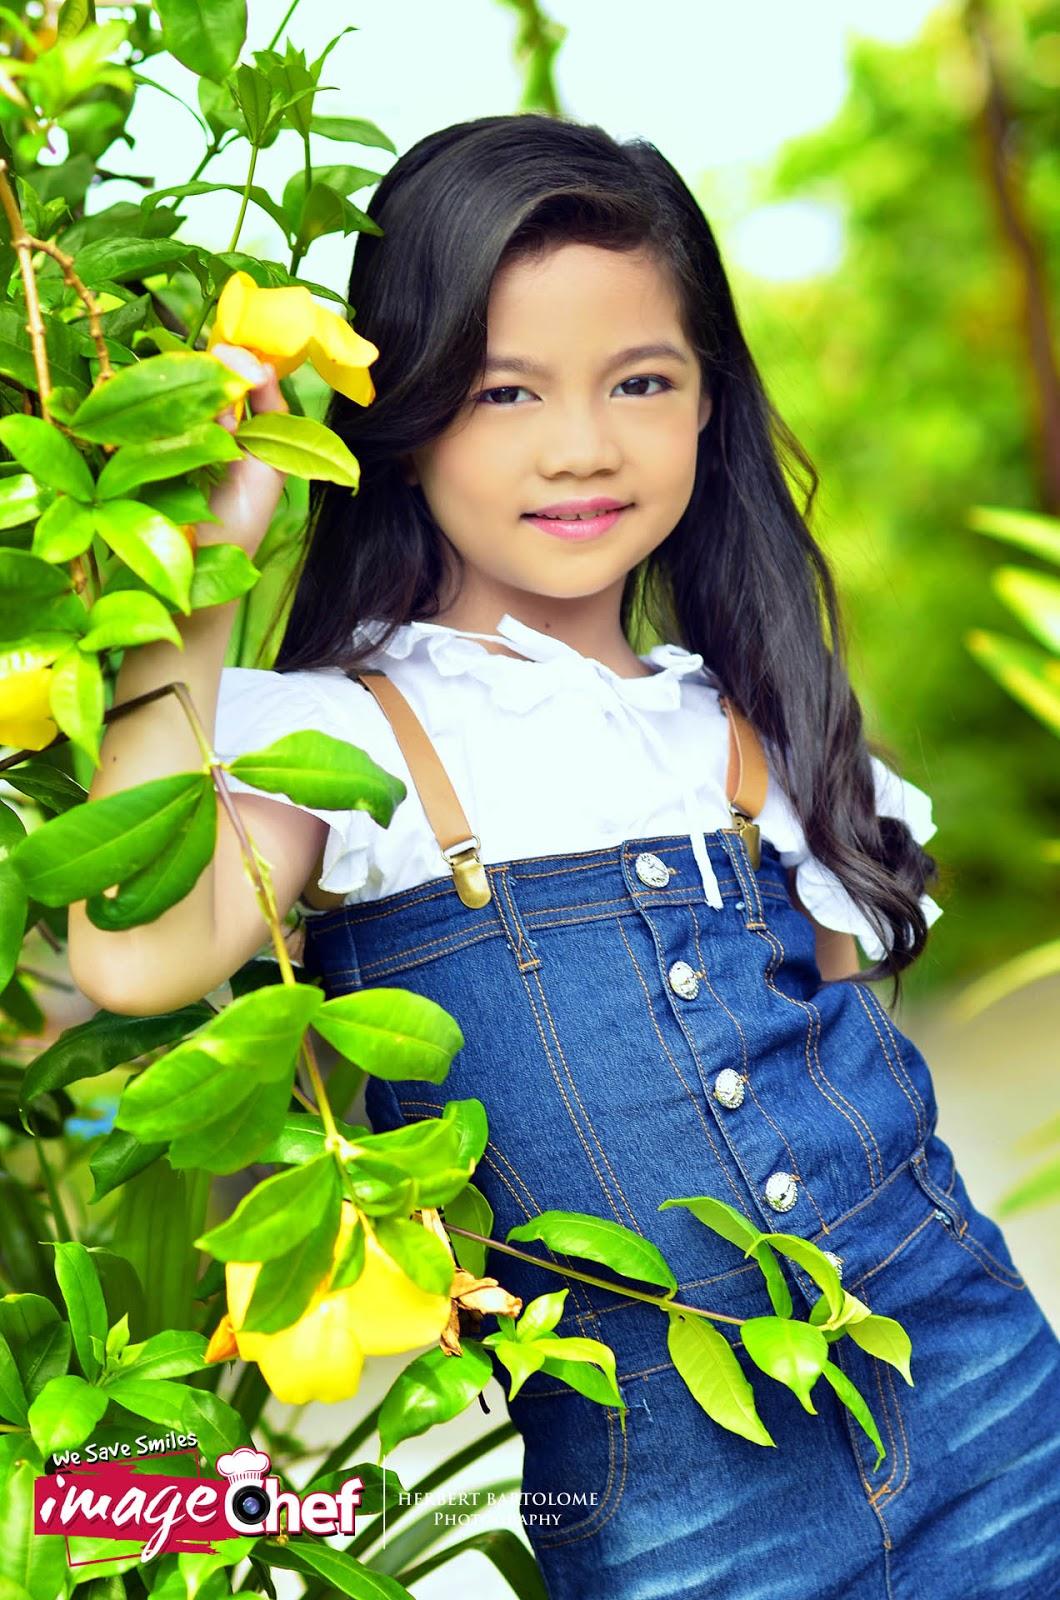 Herbert Bartolome Photography Elyanna I 7th Birthday Shoot